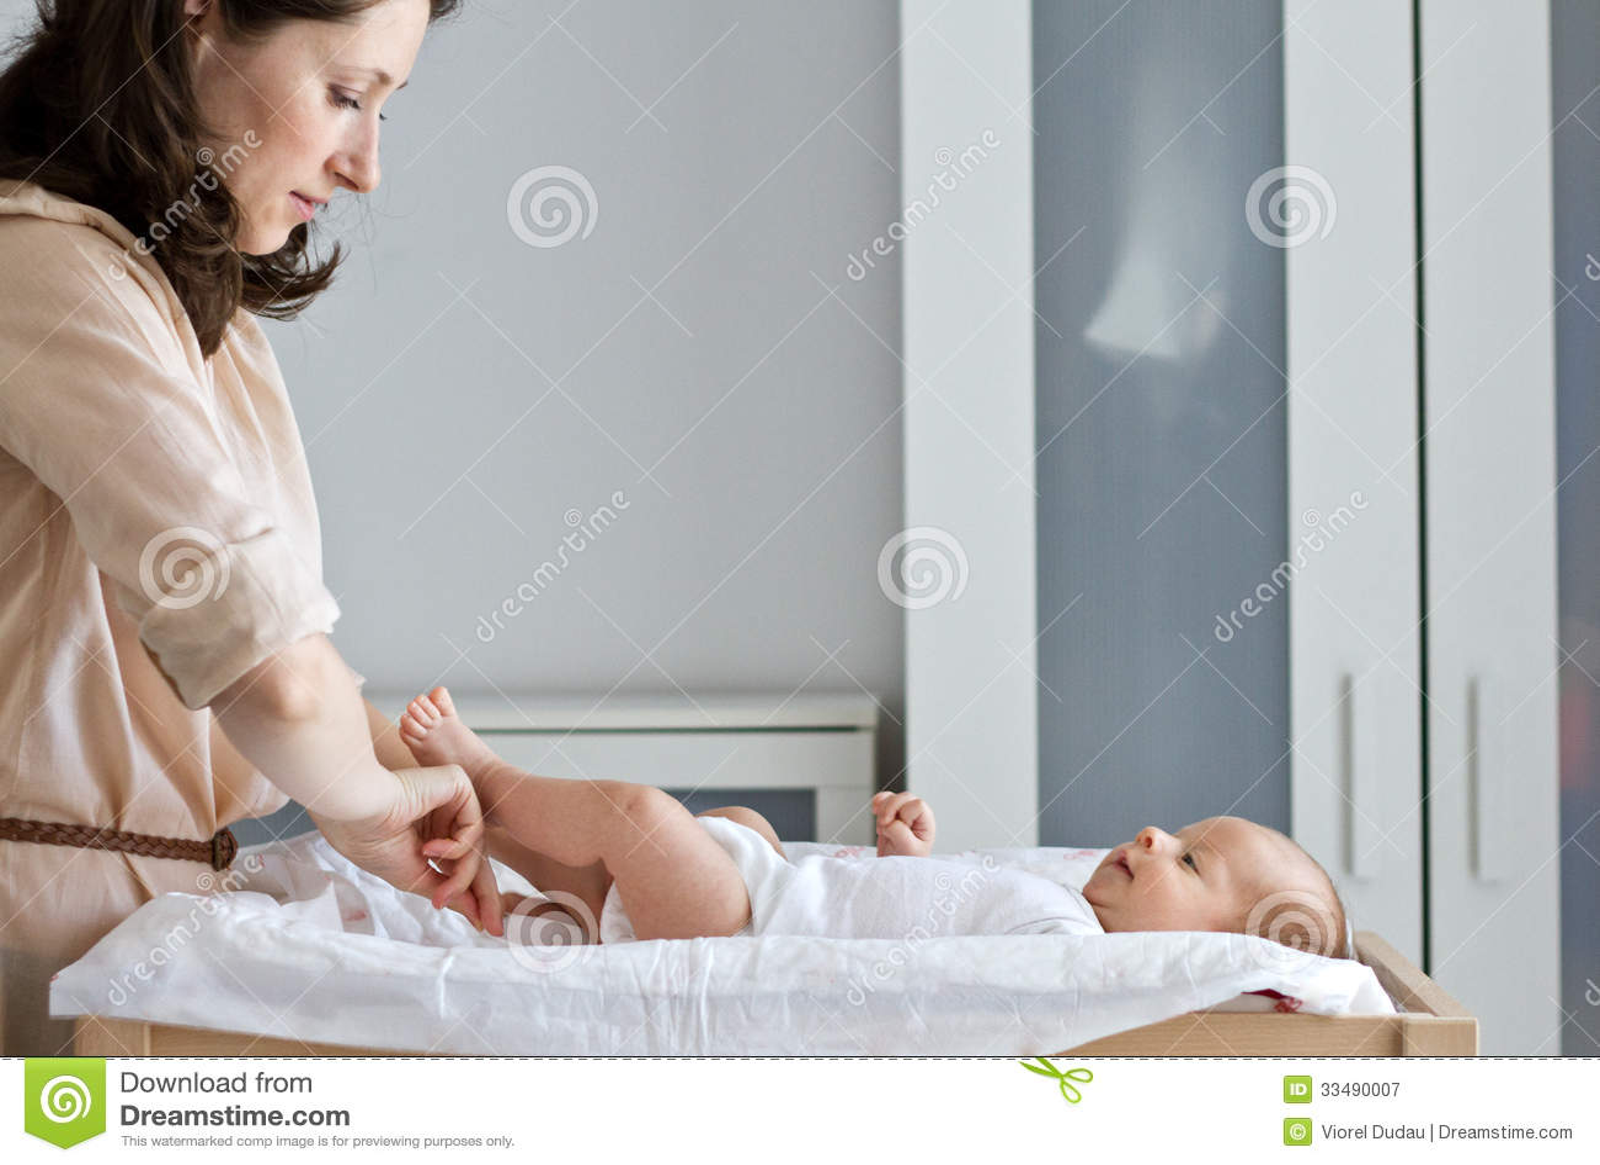 Moeder kledende baby